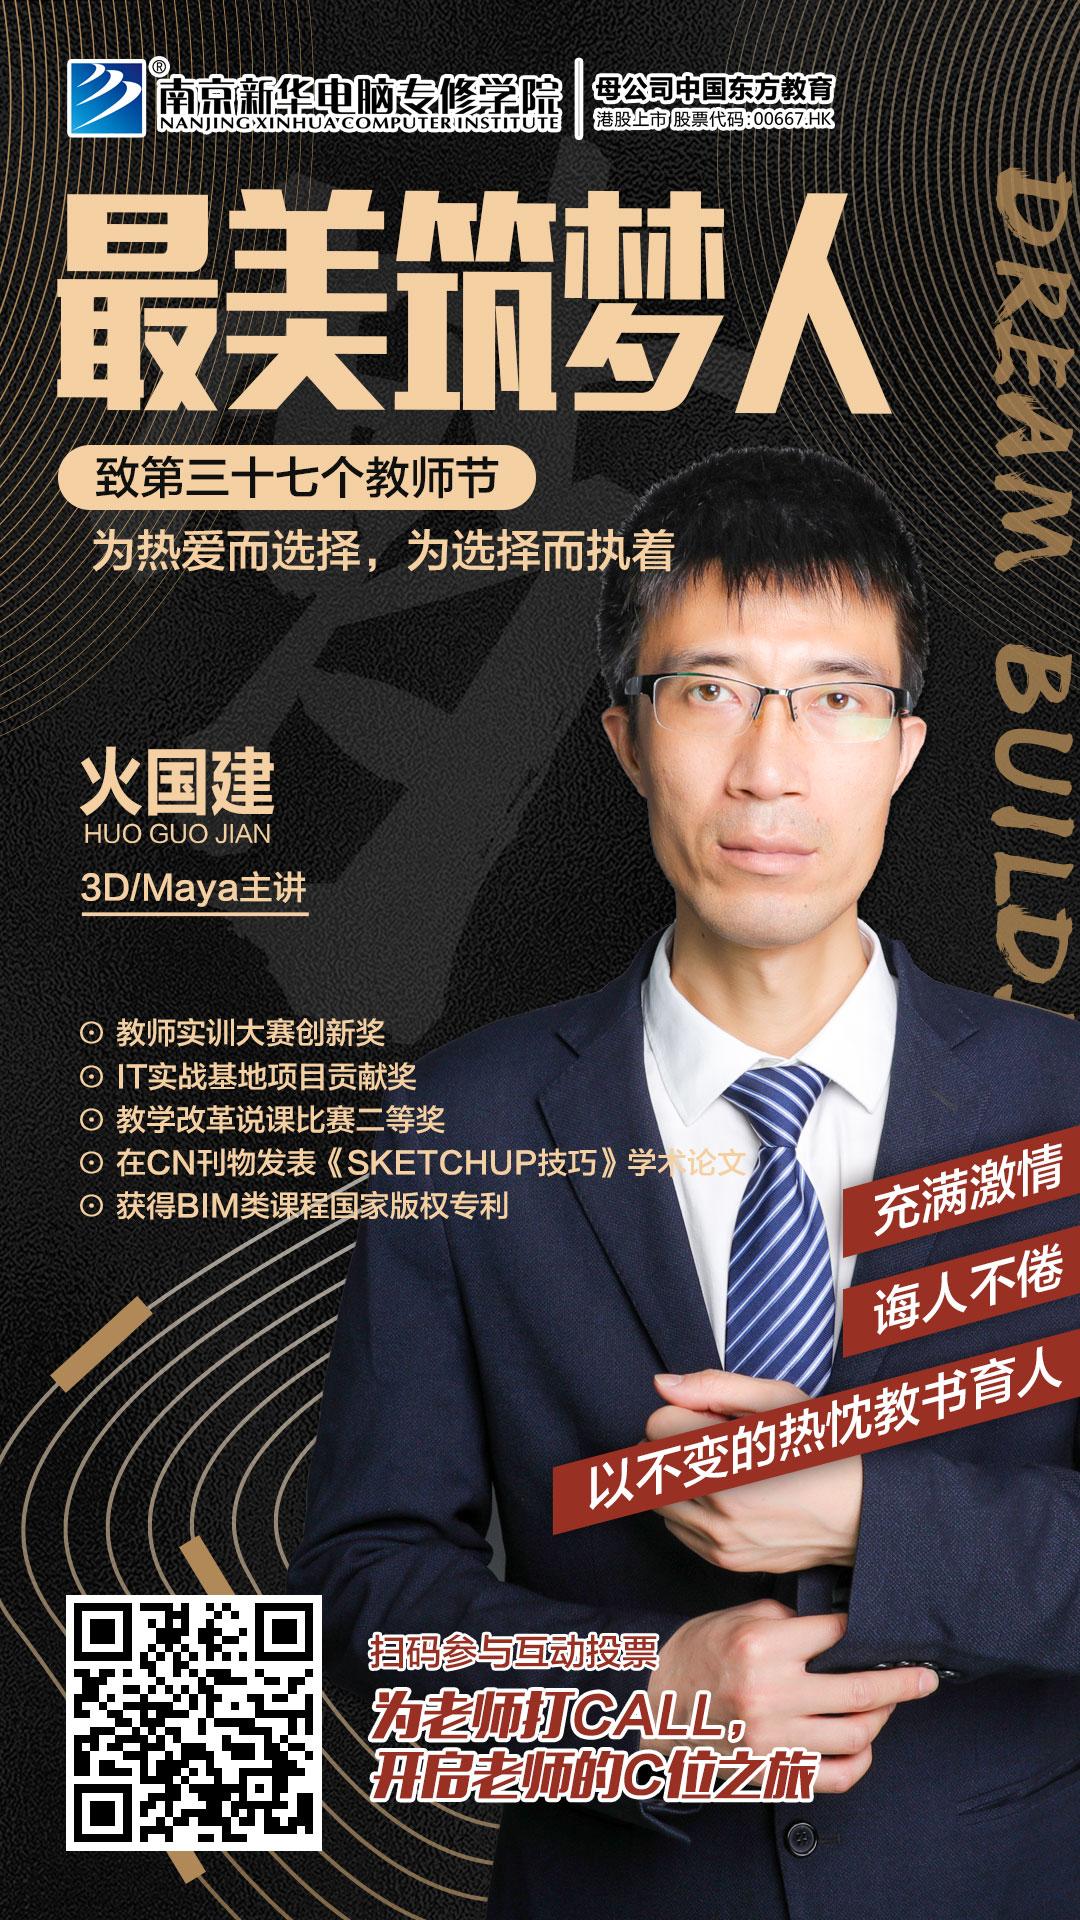 火国建老师,毕业于南京工业大学,长期致力于环境艺术,动漫设计、BIM相关方向的教学和培训工作。